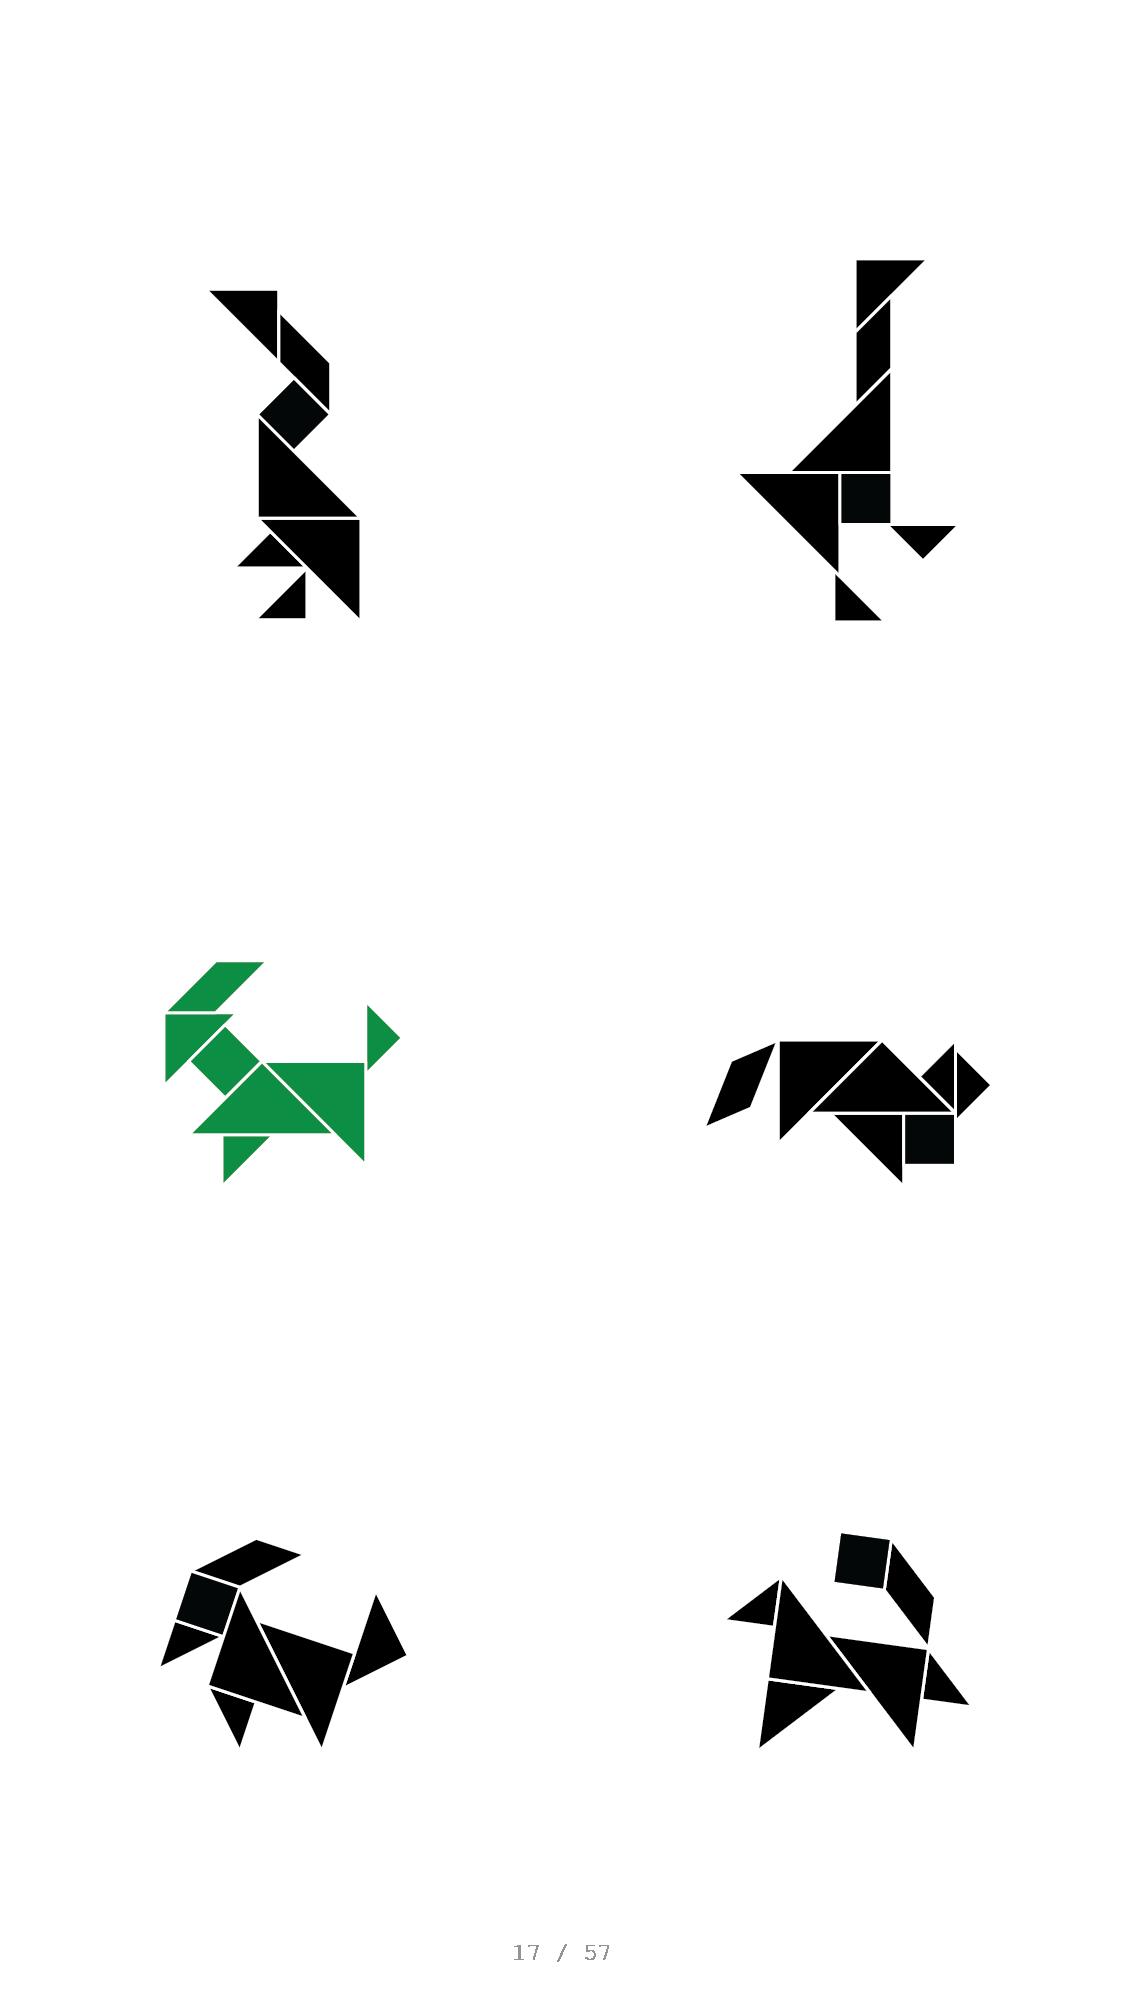 Tangram_Layout_2x3_schwarz-17